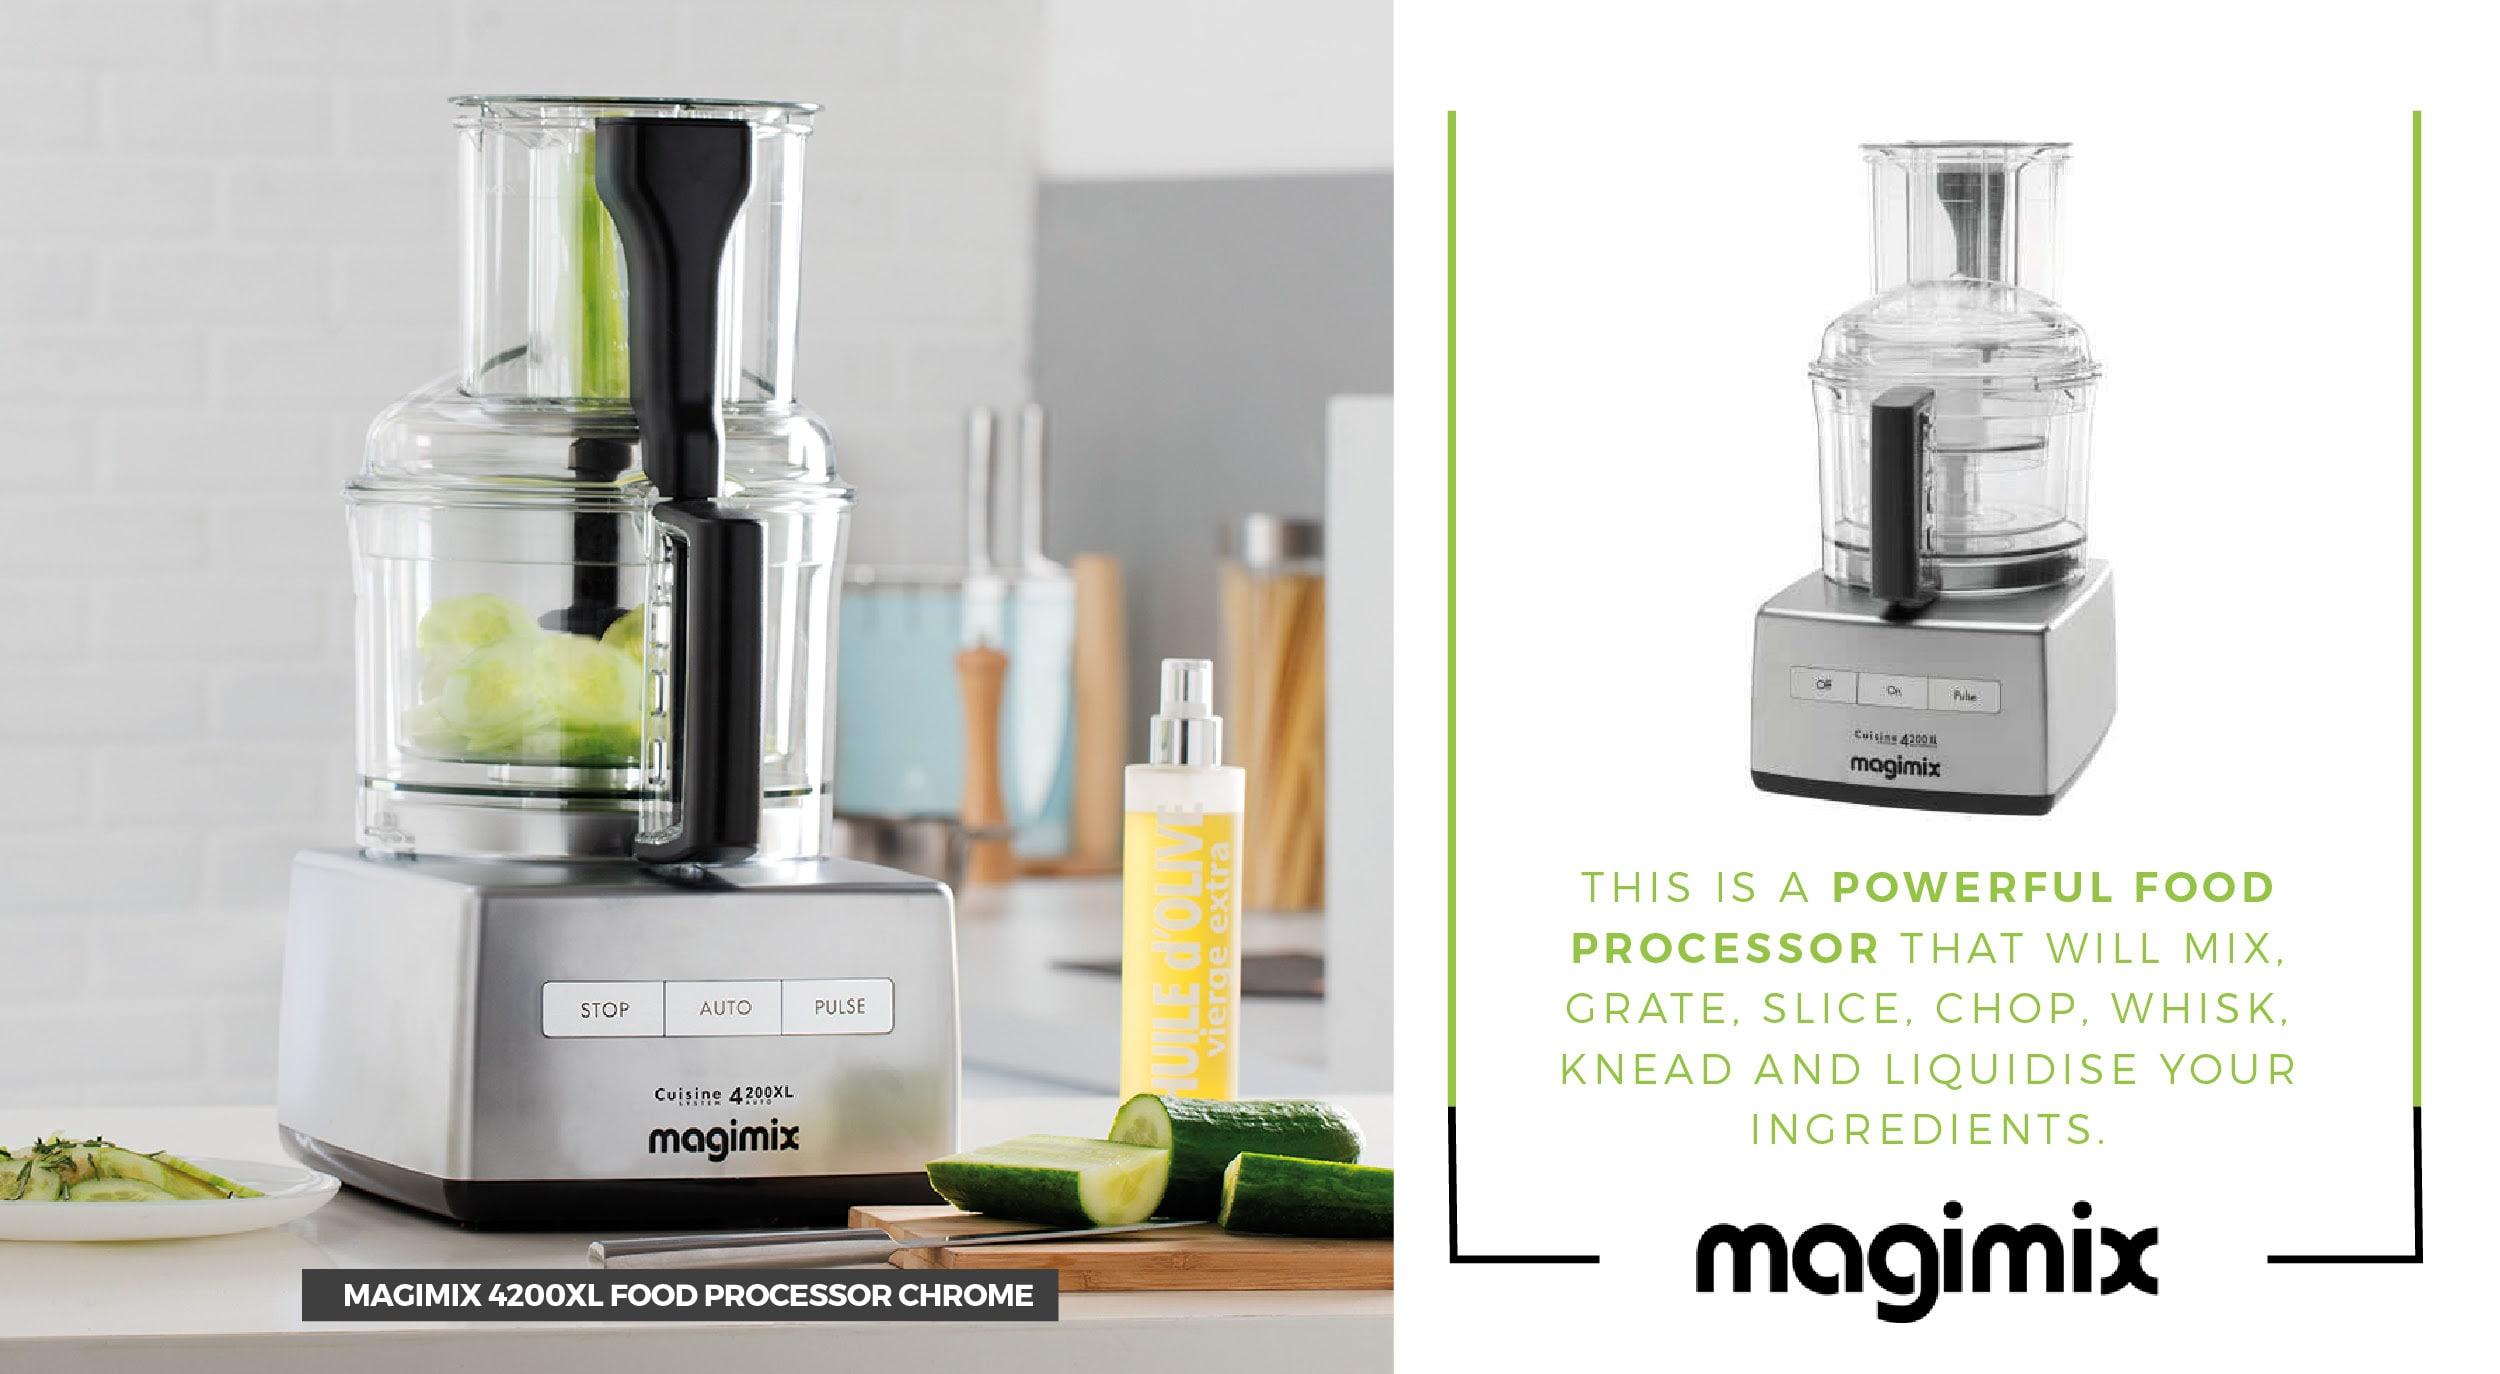 https://media.kitchenique.co.za/20210713095725/magimix-promo-banner2.jpeg